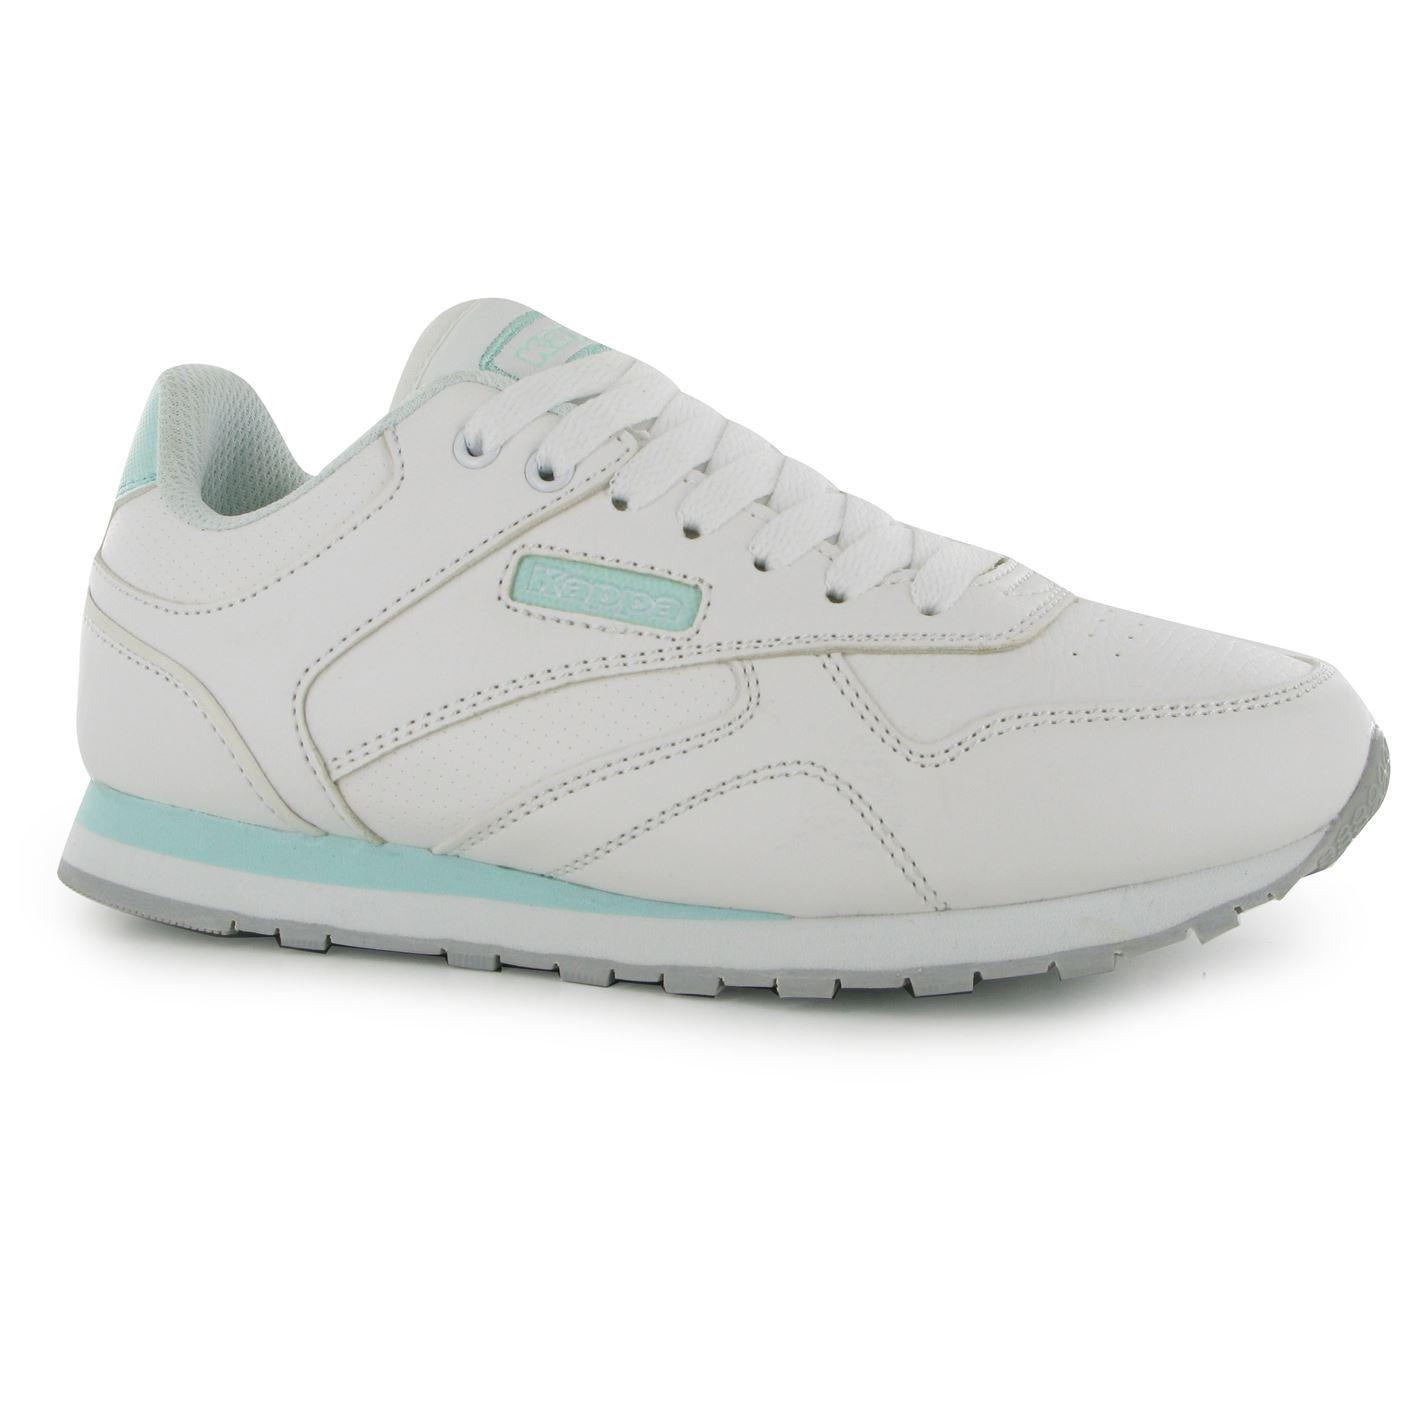 Puma ST evosoft Scarpe da ginnastica da donna bianco/bianco Scarpe Da Ginnastica Scarpe Sportive Calzature